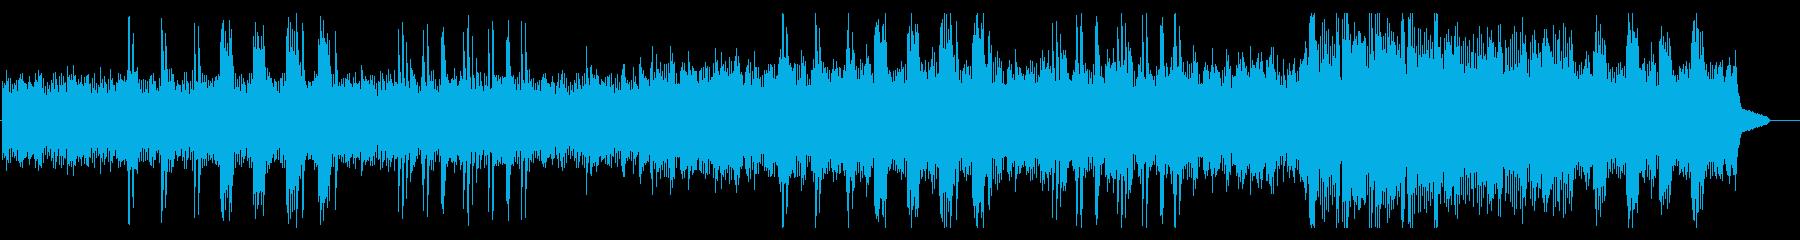 静かな喜びに包まれるヒーリングピアノ曲の再生済みの波形